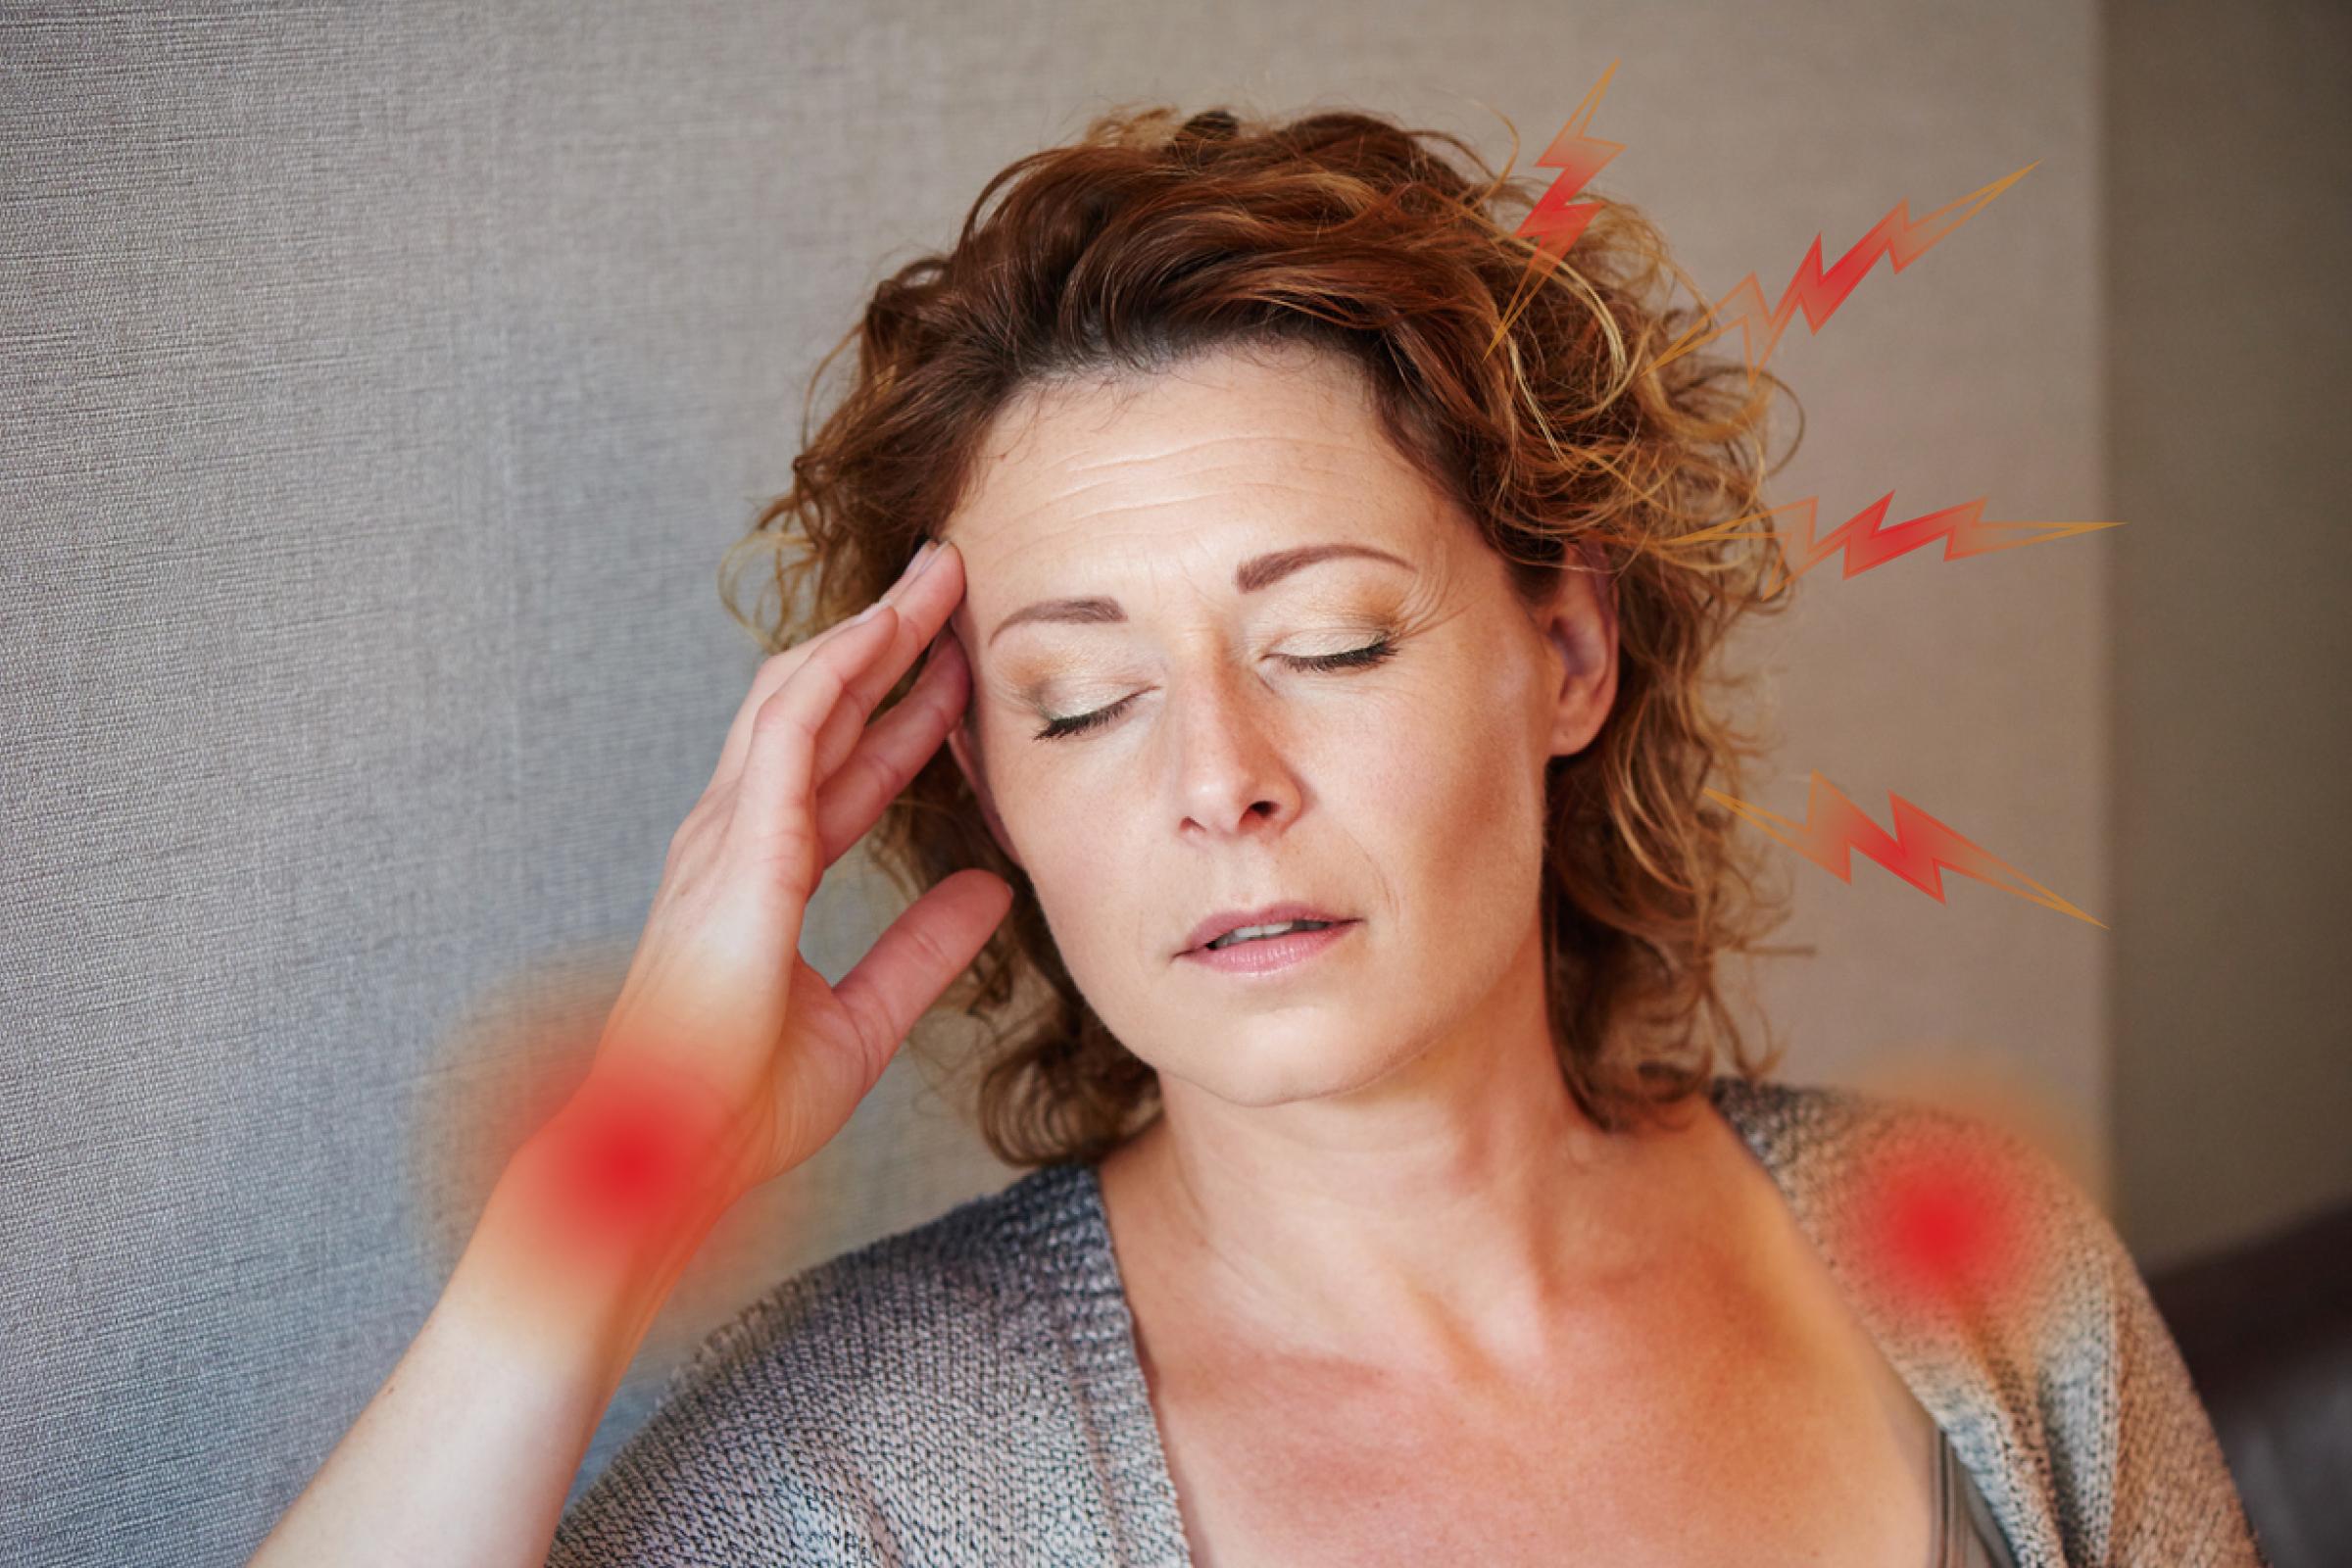 hinchazón pre menopausia